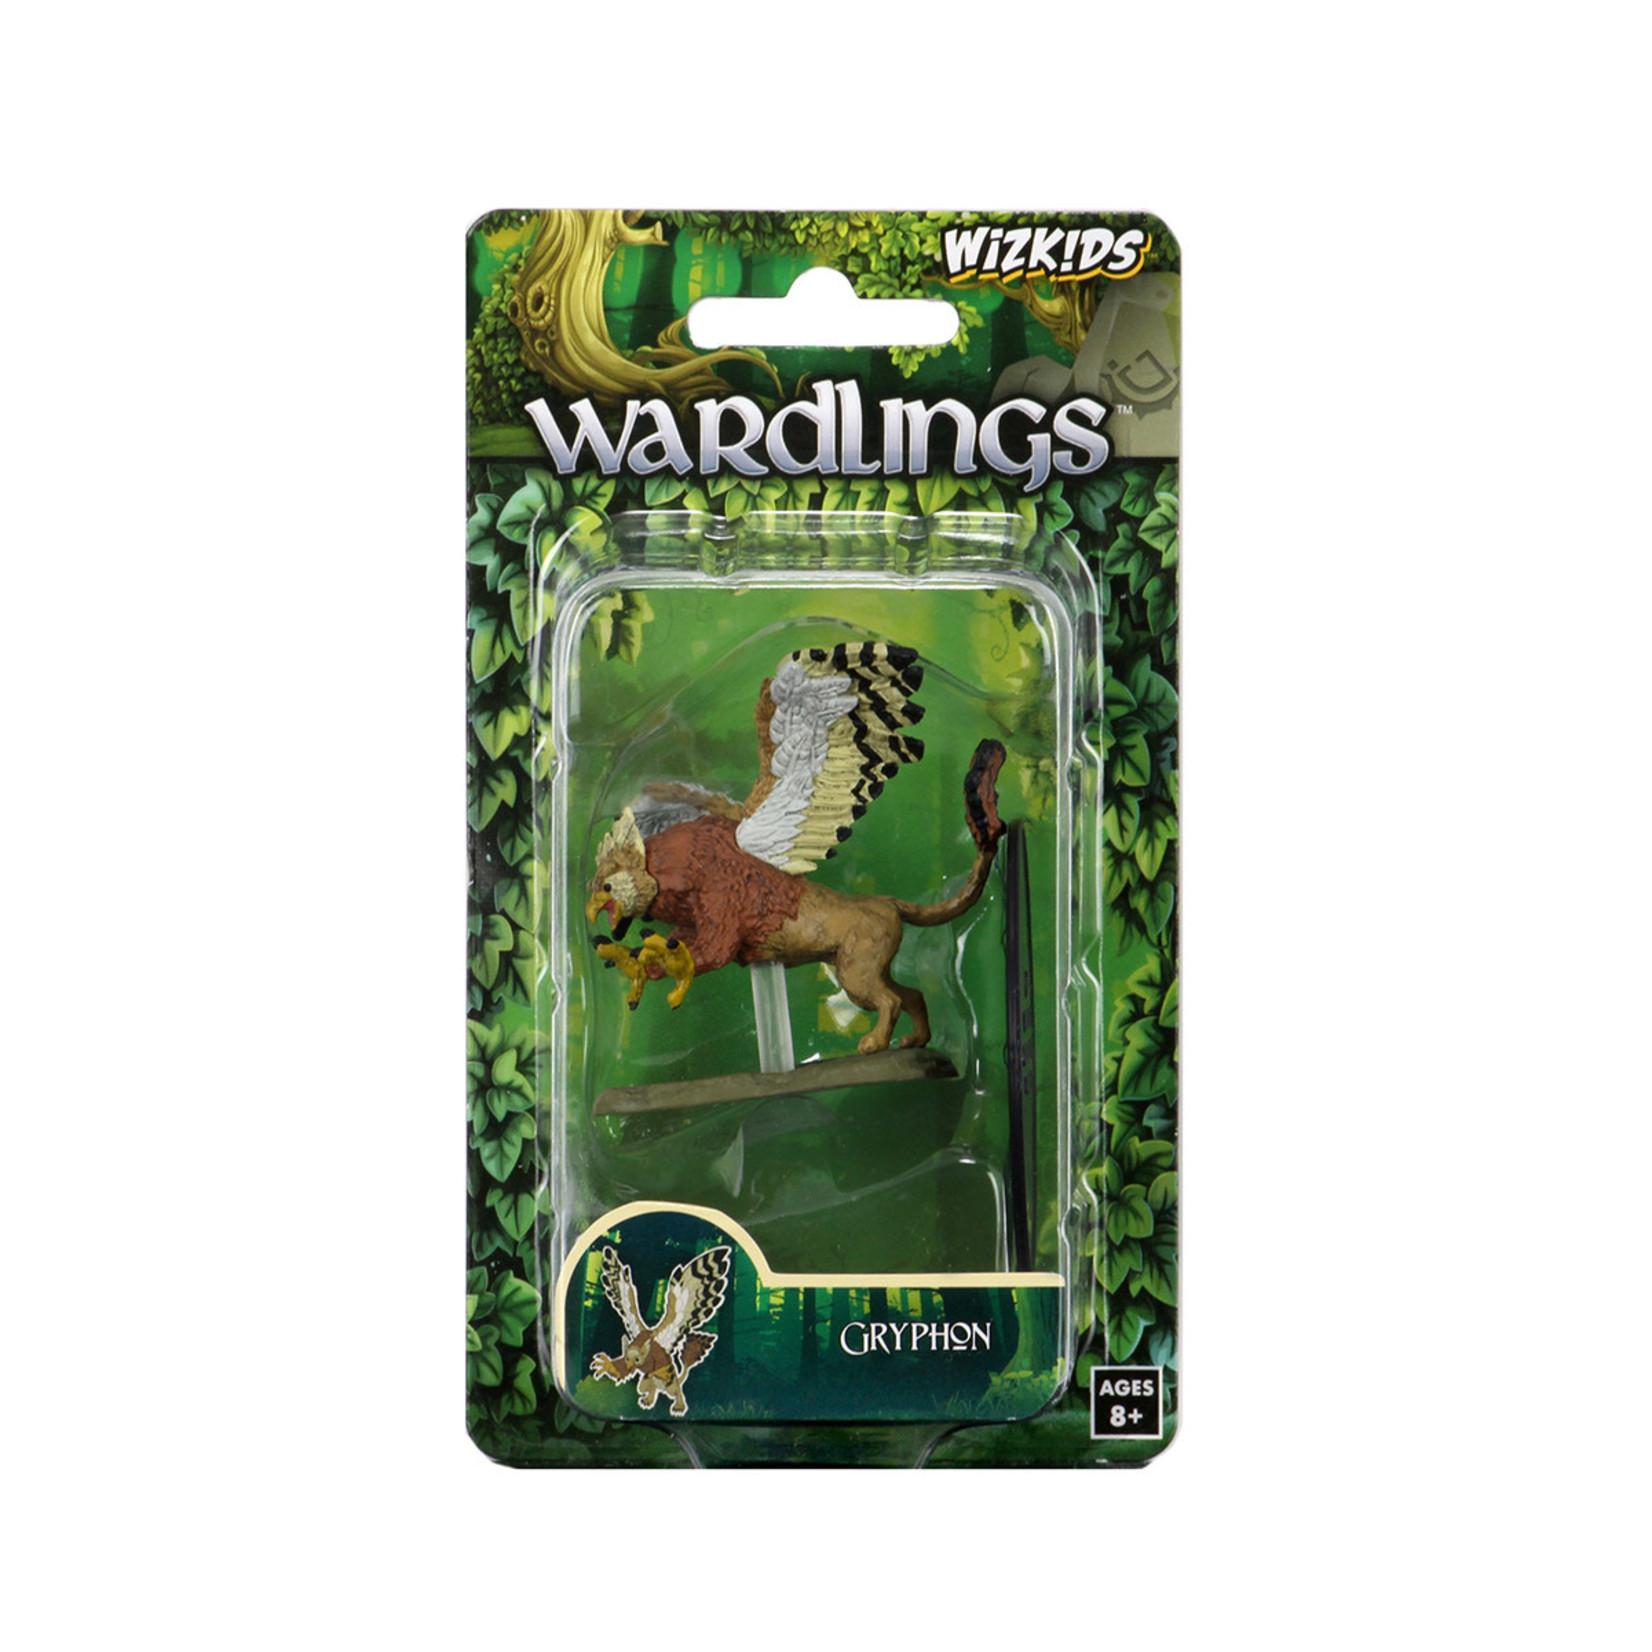 WizKids WizKids Wardlings: Gryphon (W4)